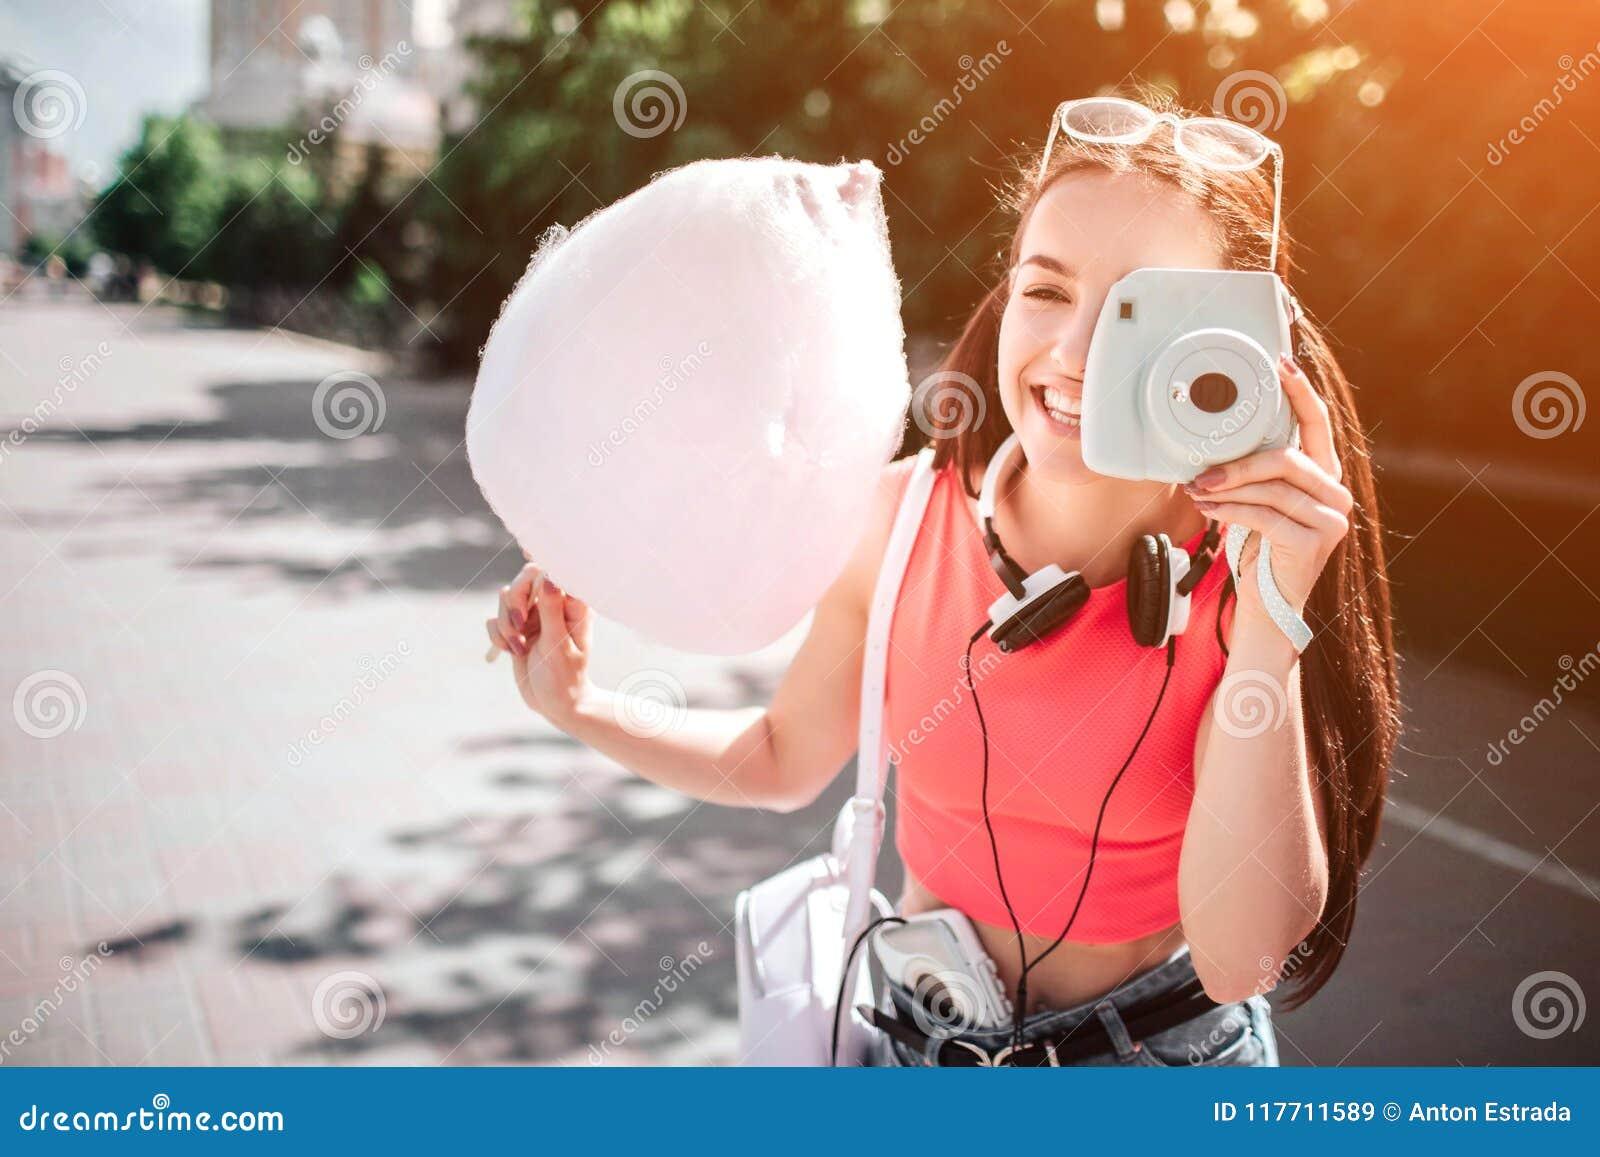 A menina bonita e lindo é estando e de levantamento como está tomando a imagem com sua câmera branca Igualmente a menina é